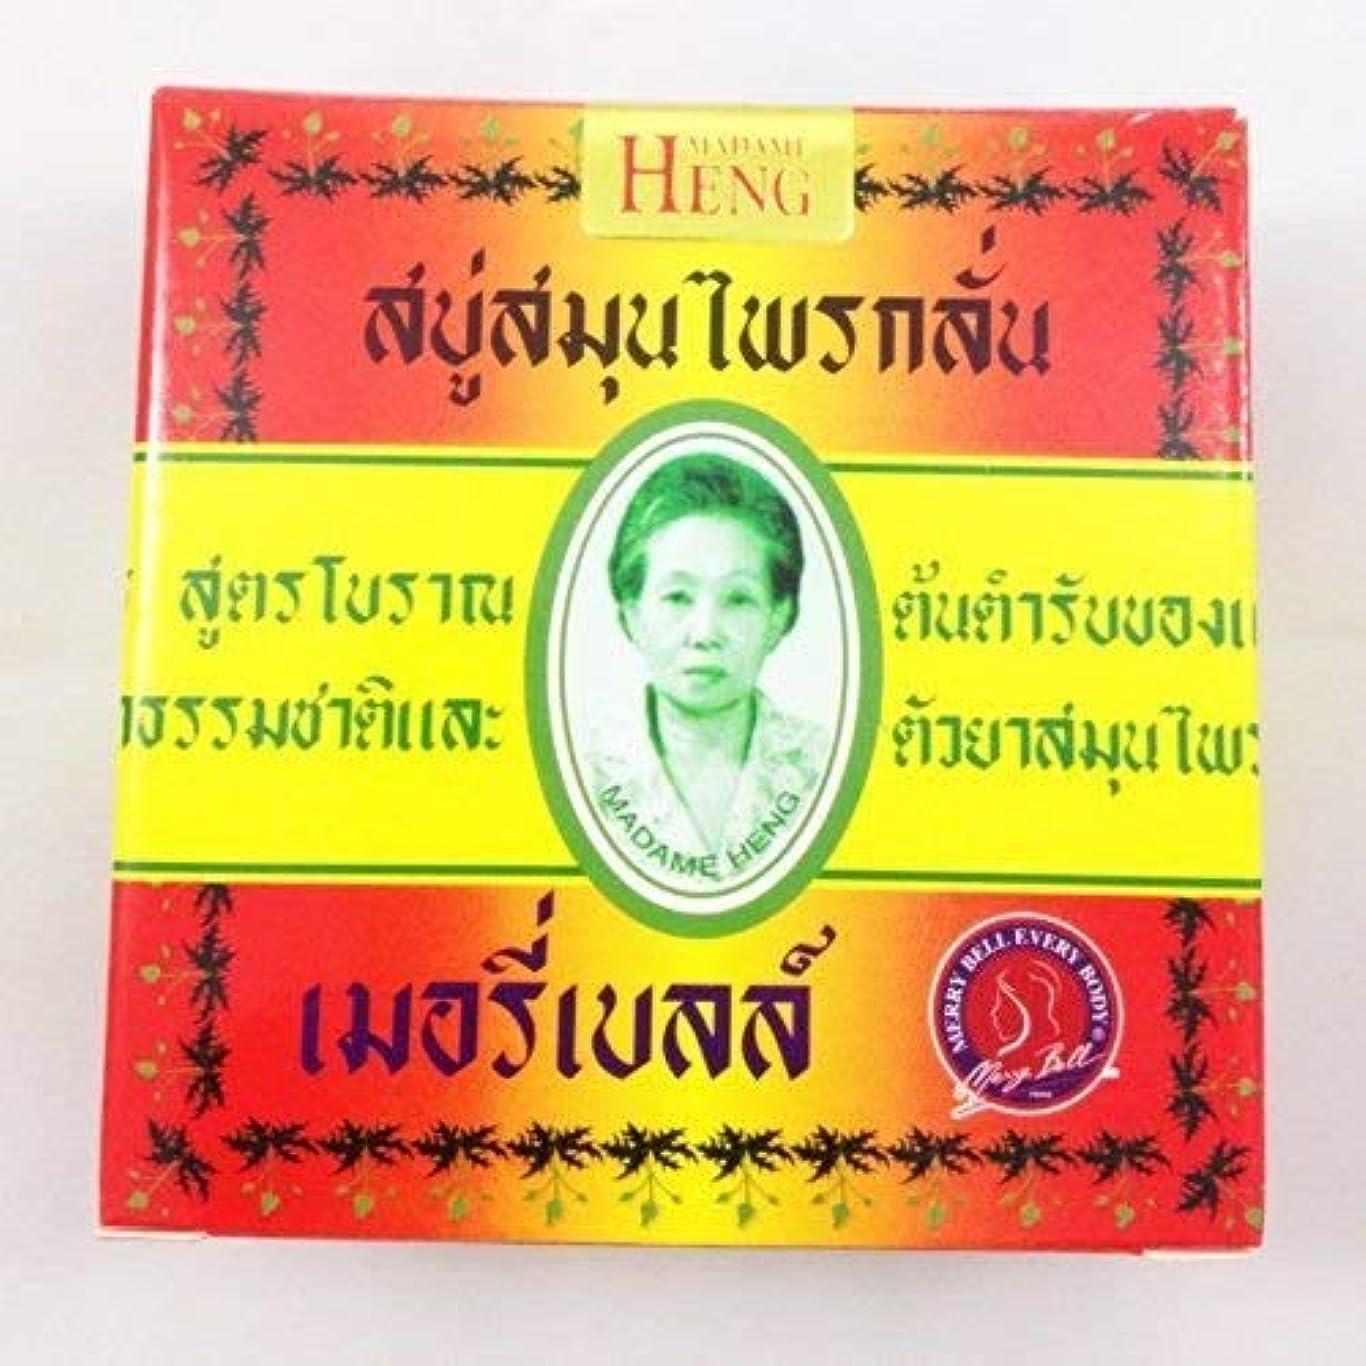 再撮りチャート潤滑するMadame Heng Thai Original Natural Herbal Soap Bar Made in Thailand 160gx2pcs by Ni Yom Thai shop